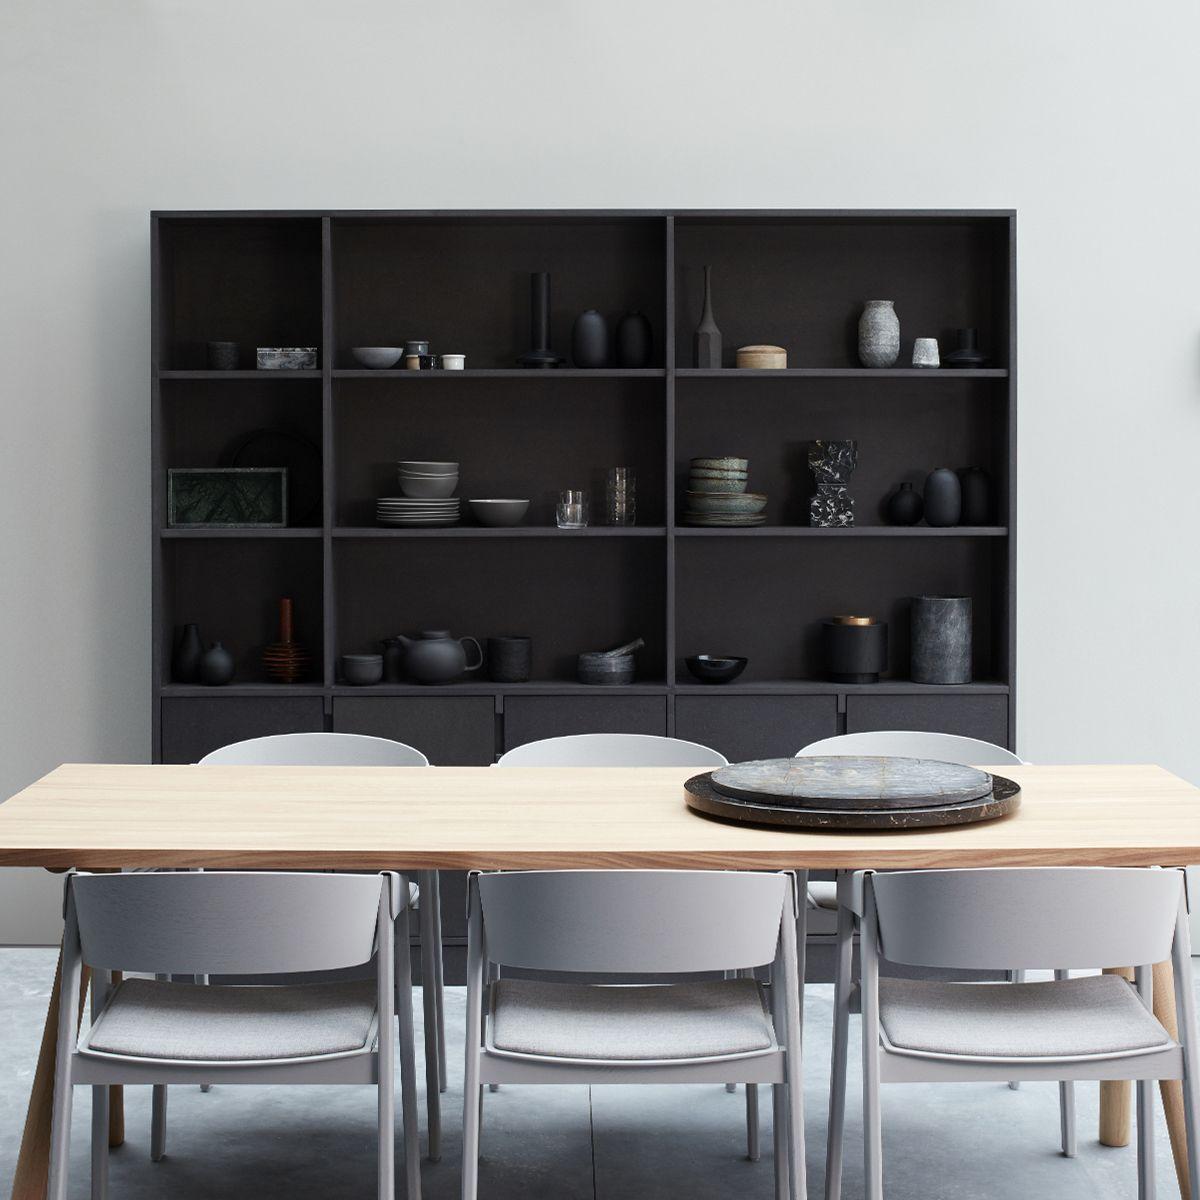 Bespoke Kitchen Furniture: The Workshop By Minale + Mann - Kitchen Dresser